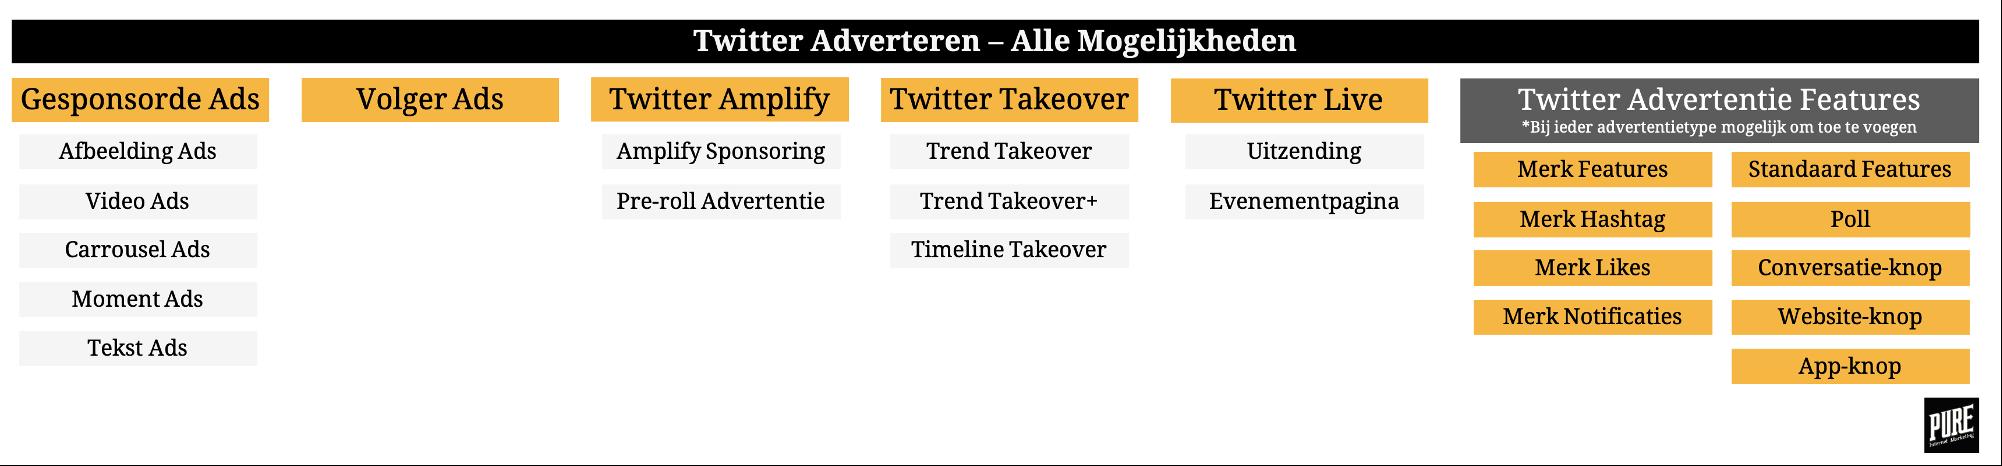 Twitter Adverteren ads mogelijkheden